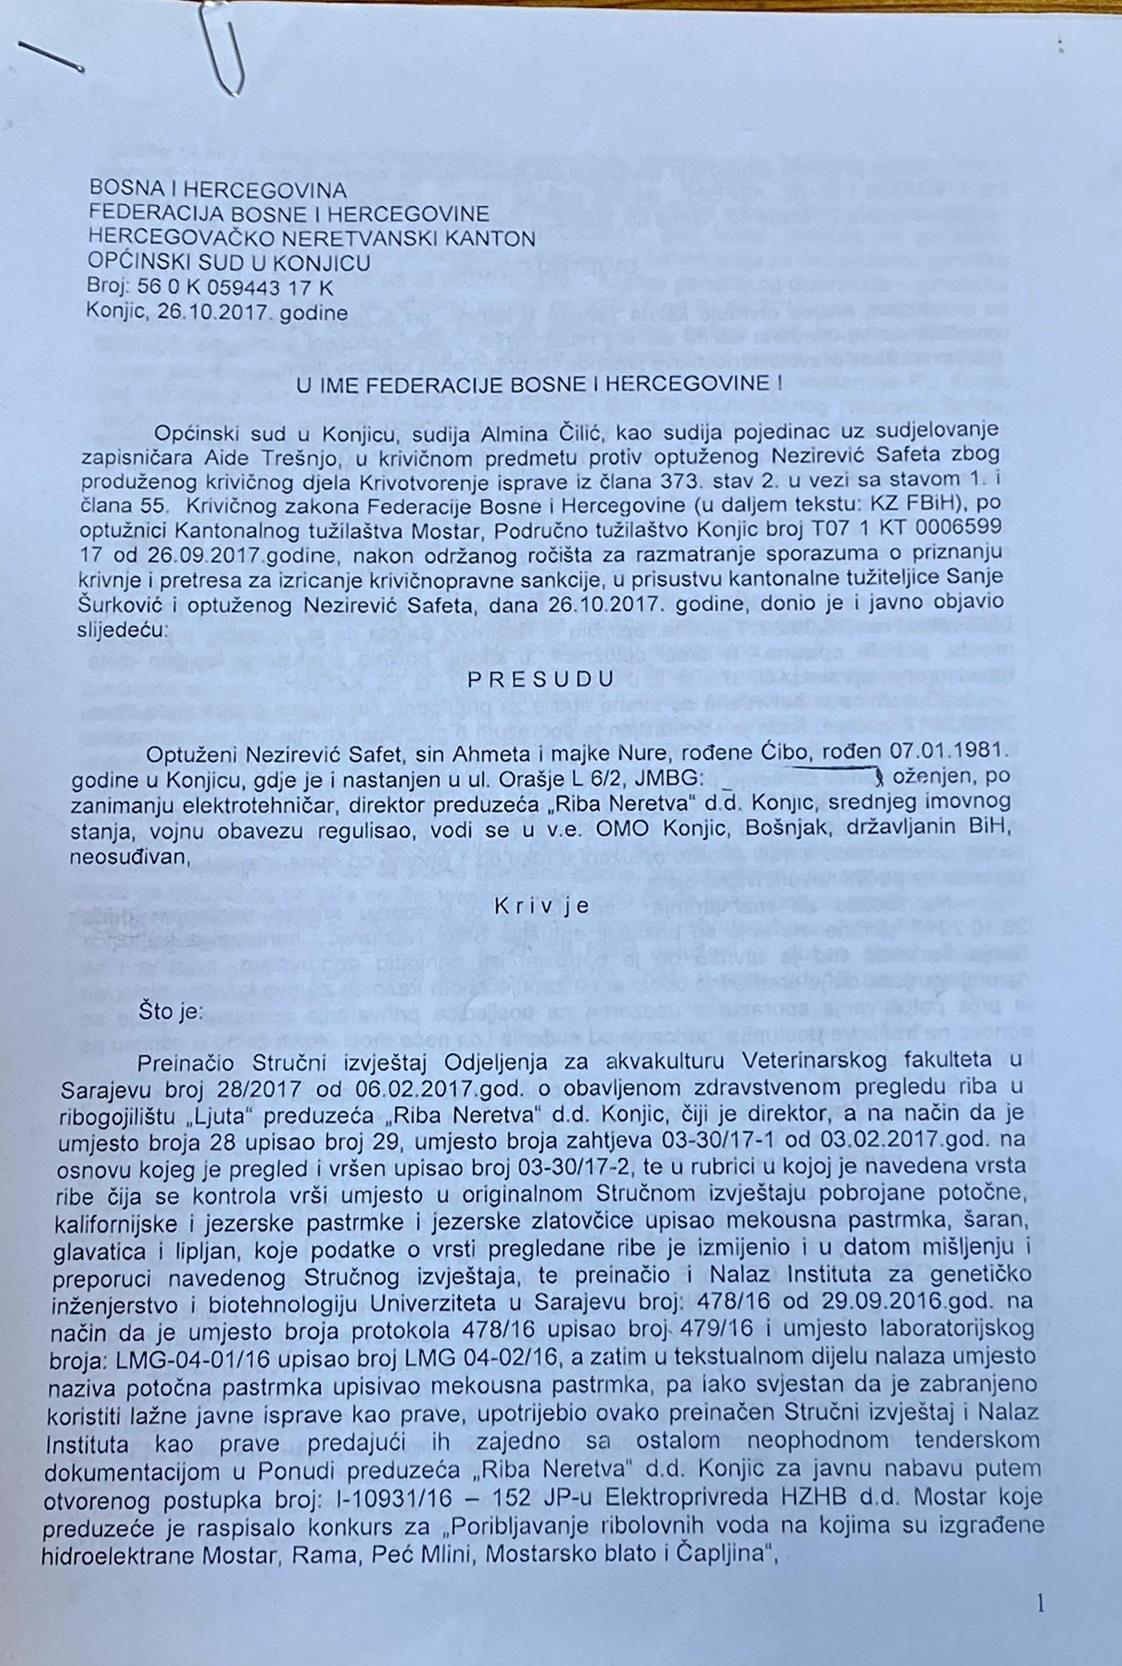 Prvostepena presuda protiv Safeta Nezirevića iz 2017. godine